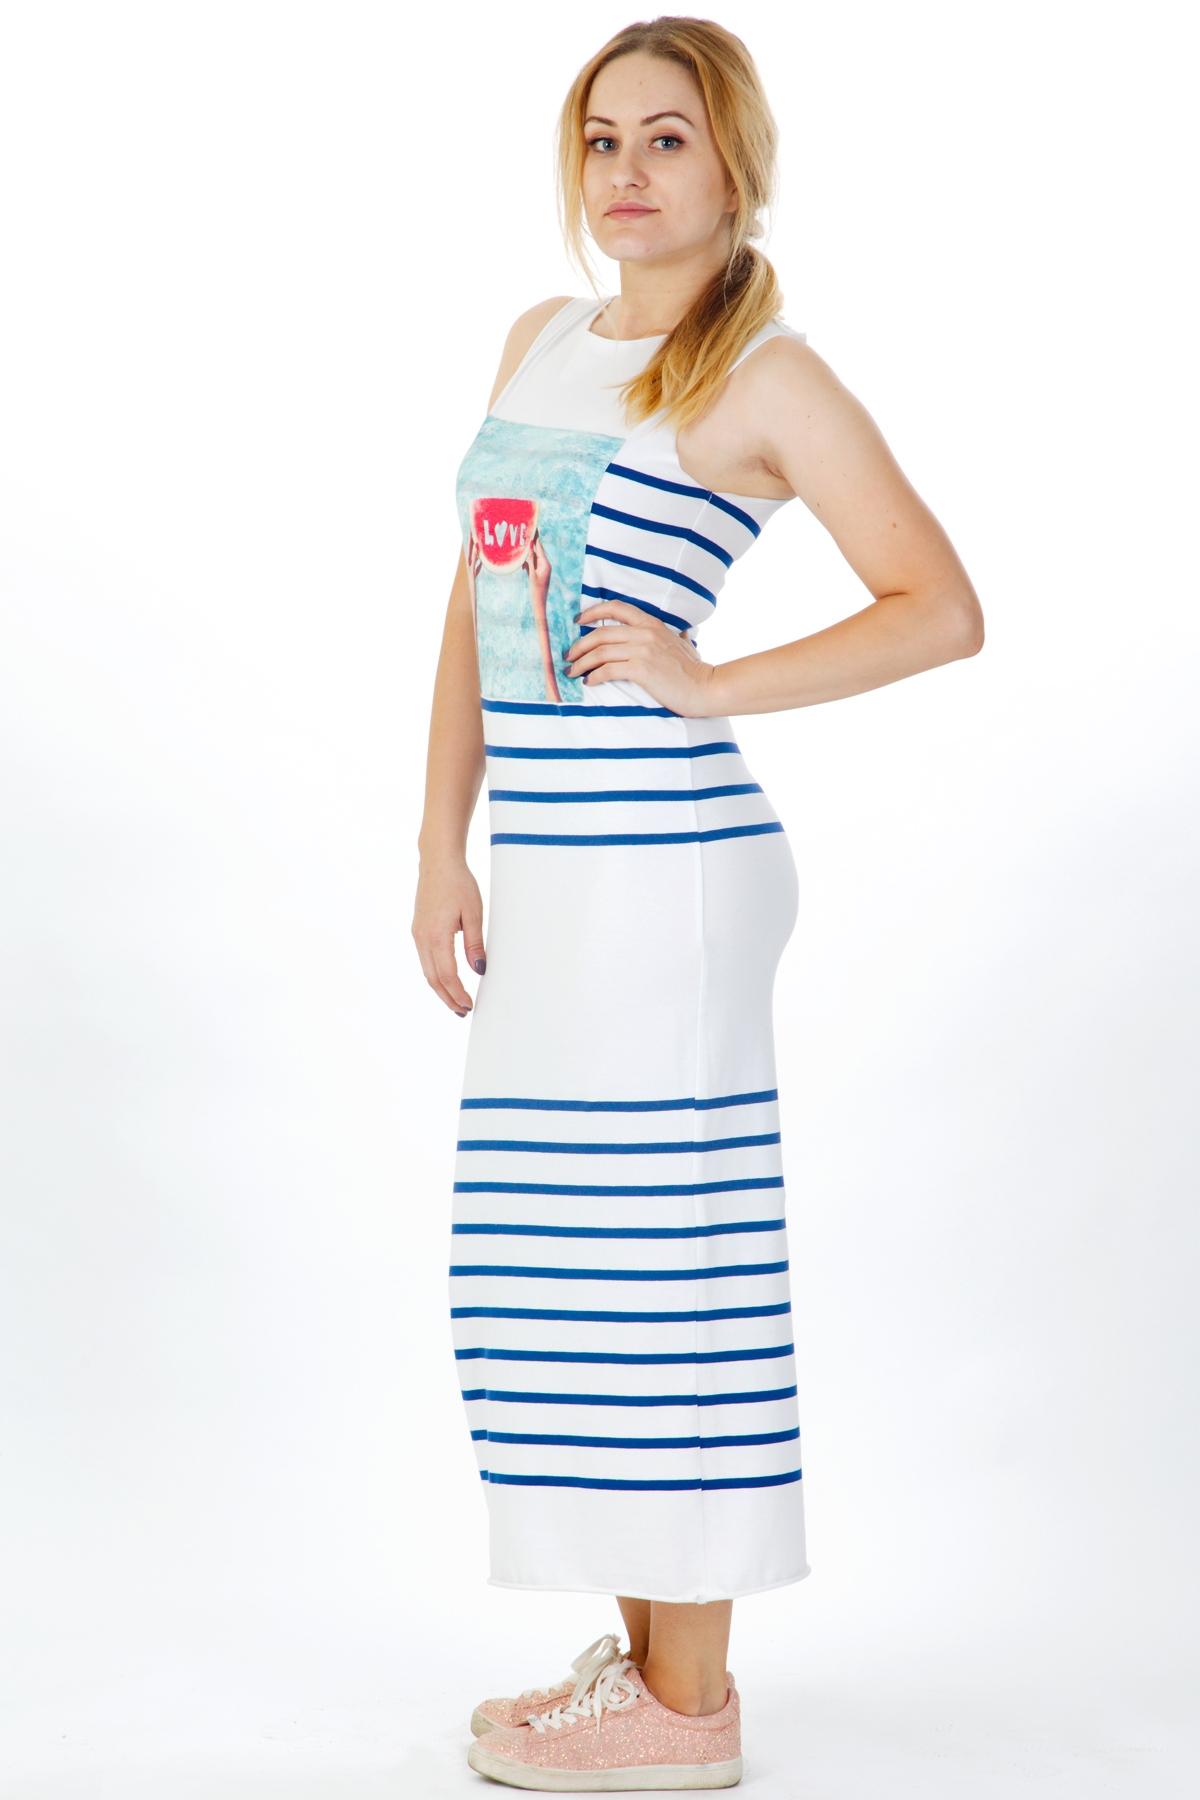 Дълга рокля със щампа диня / VЯRA за MUSE SHOP